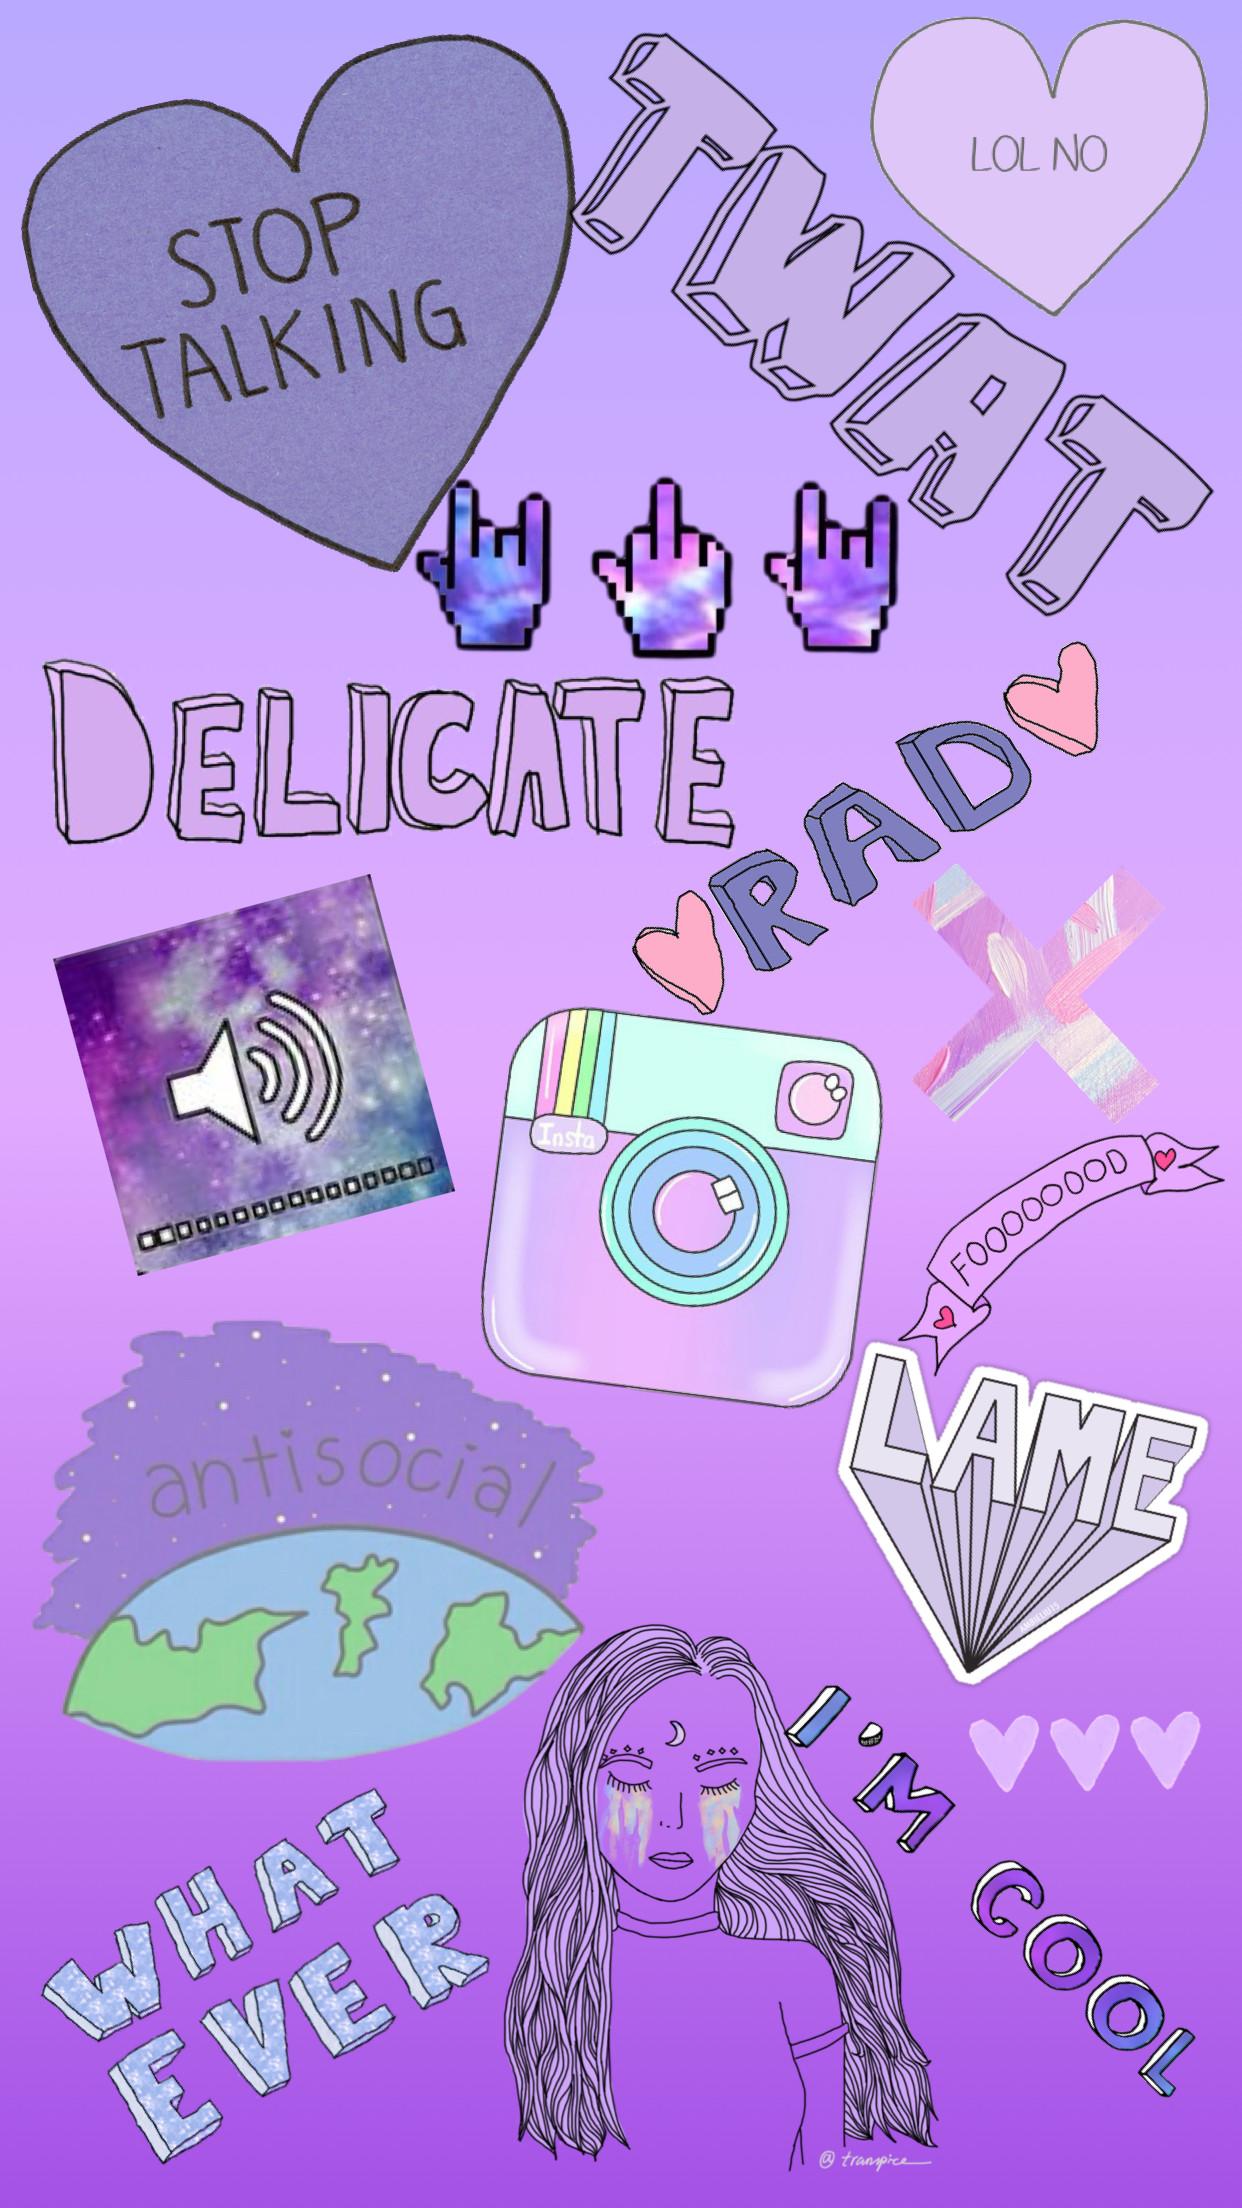 Purple Wallpaper By:mehhh #cute #wallpaper #iphone #purple #galaxy #